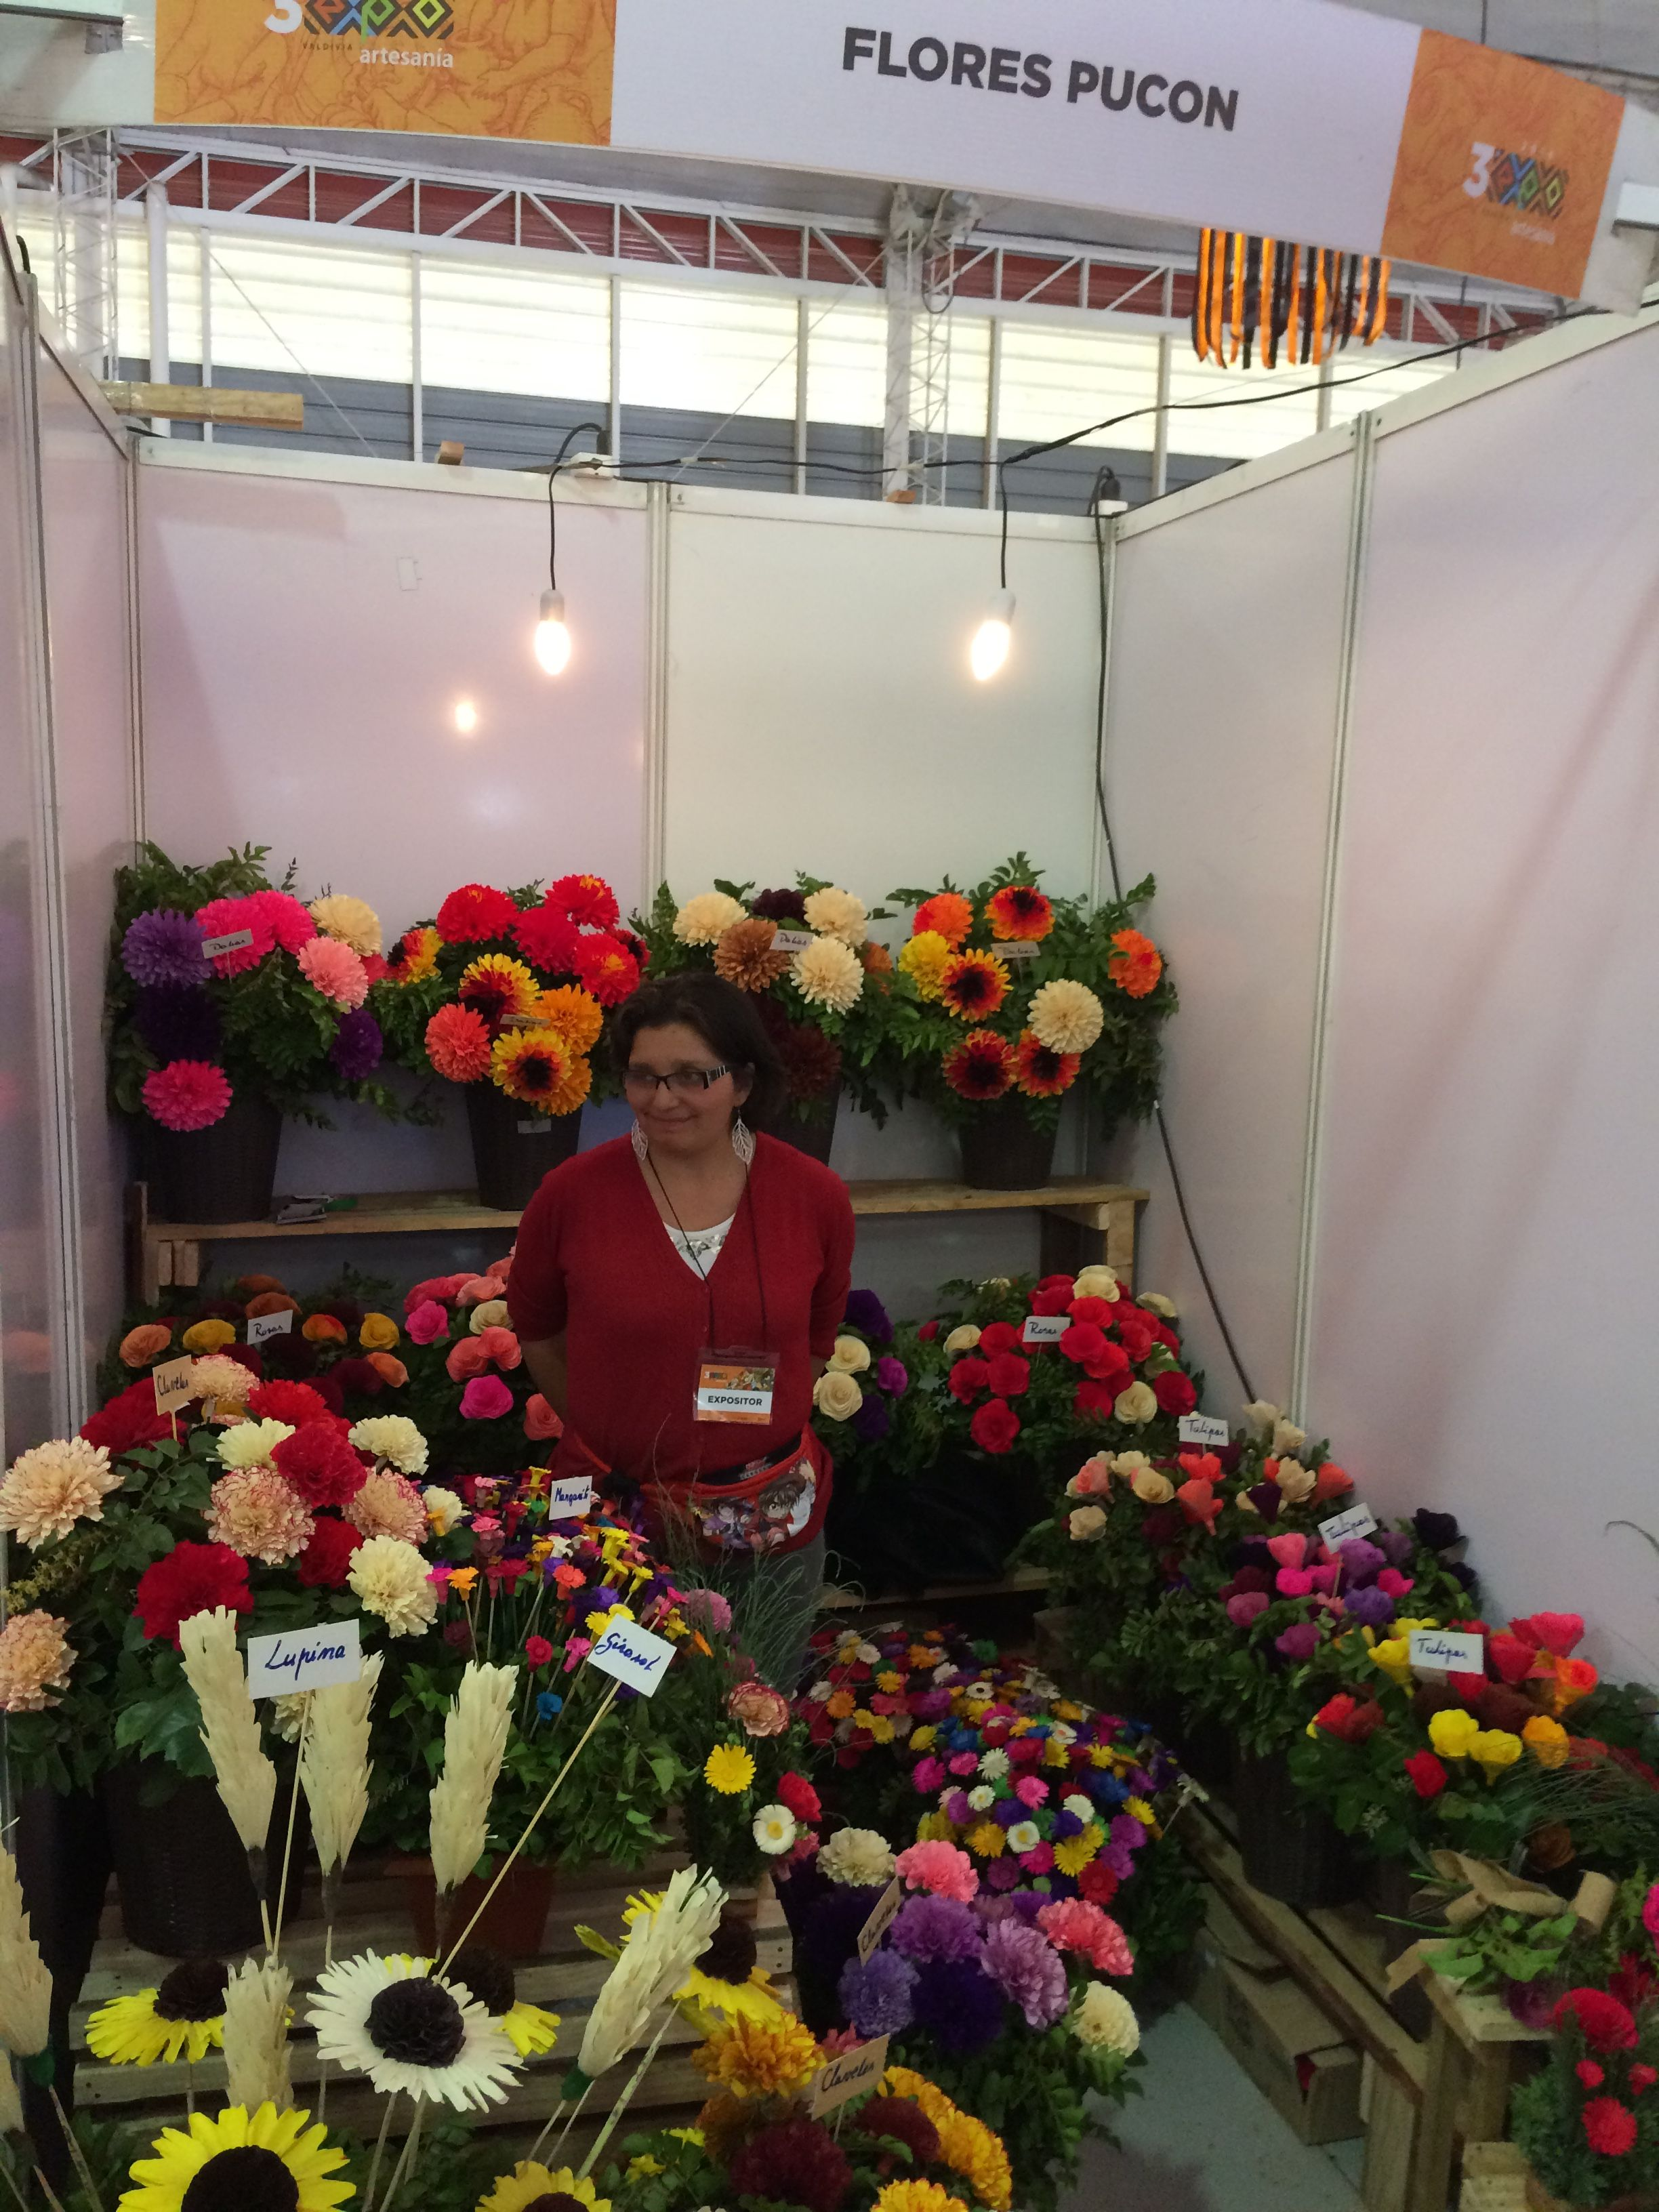 Flores Pucón en 3ra Expo Artesanía de Valdivia. Trabajos en madera, con finos acabados.